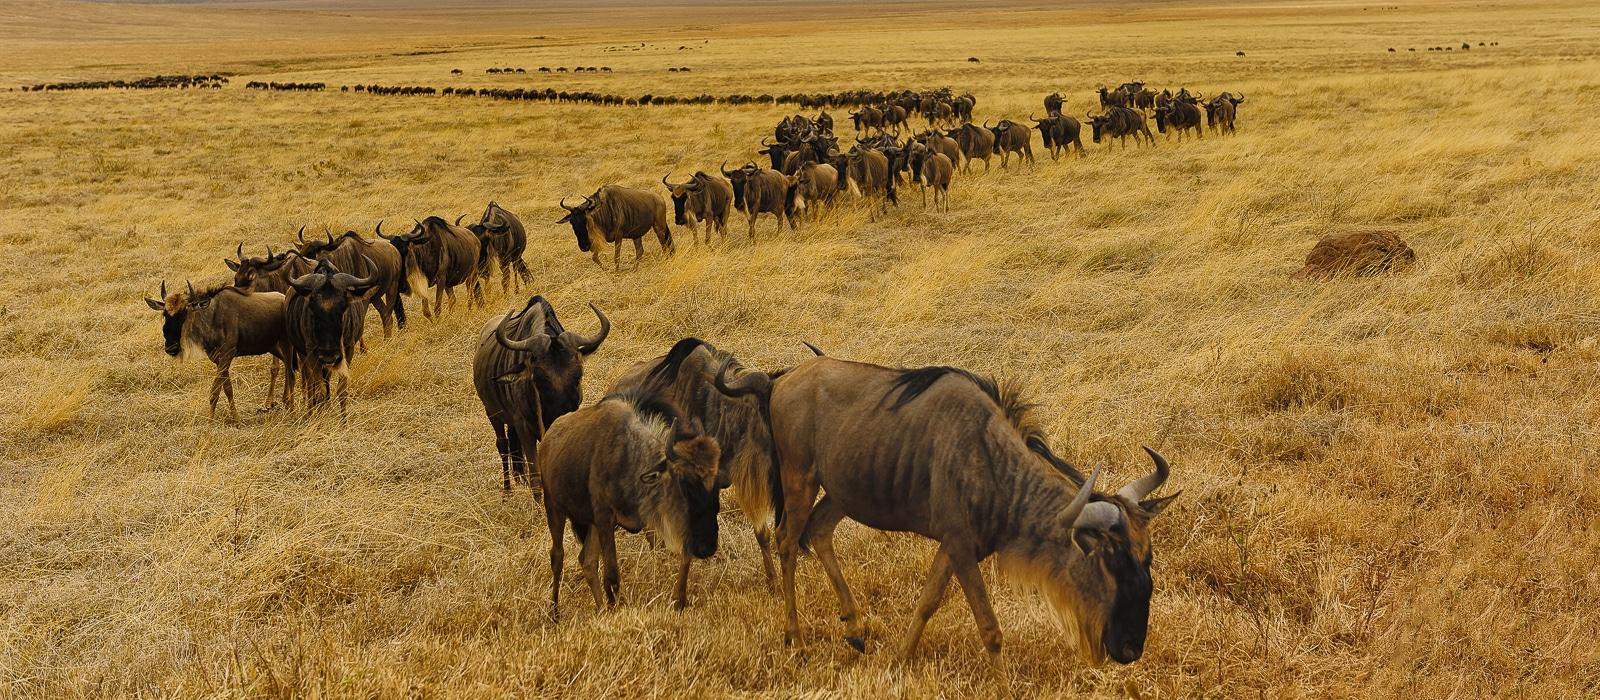 img-diapo-entete - Tanzanie-1600x700-21.jpg